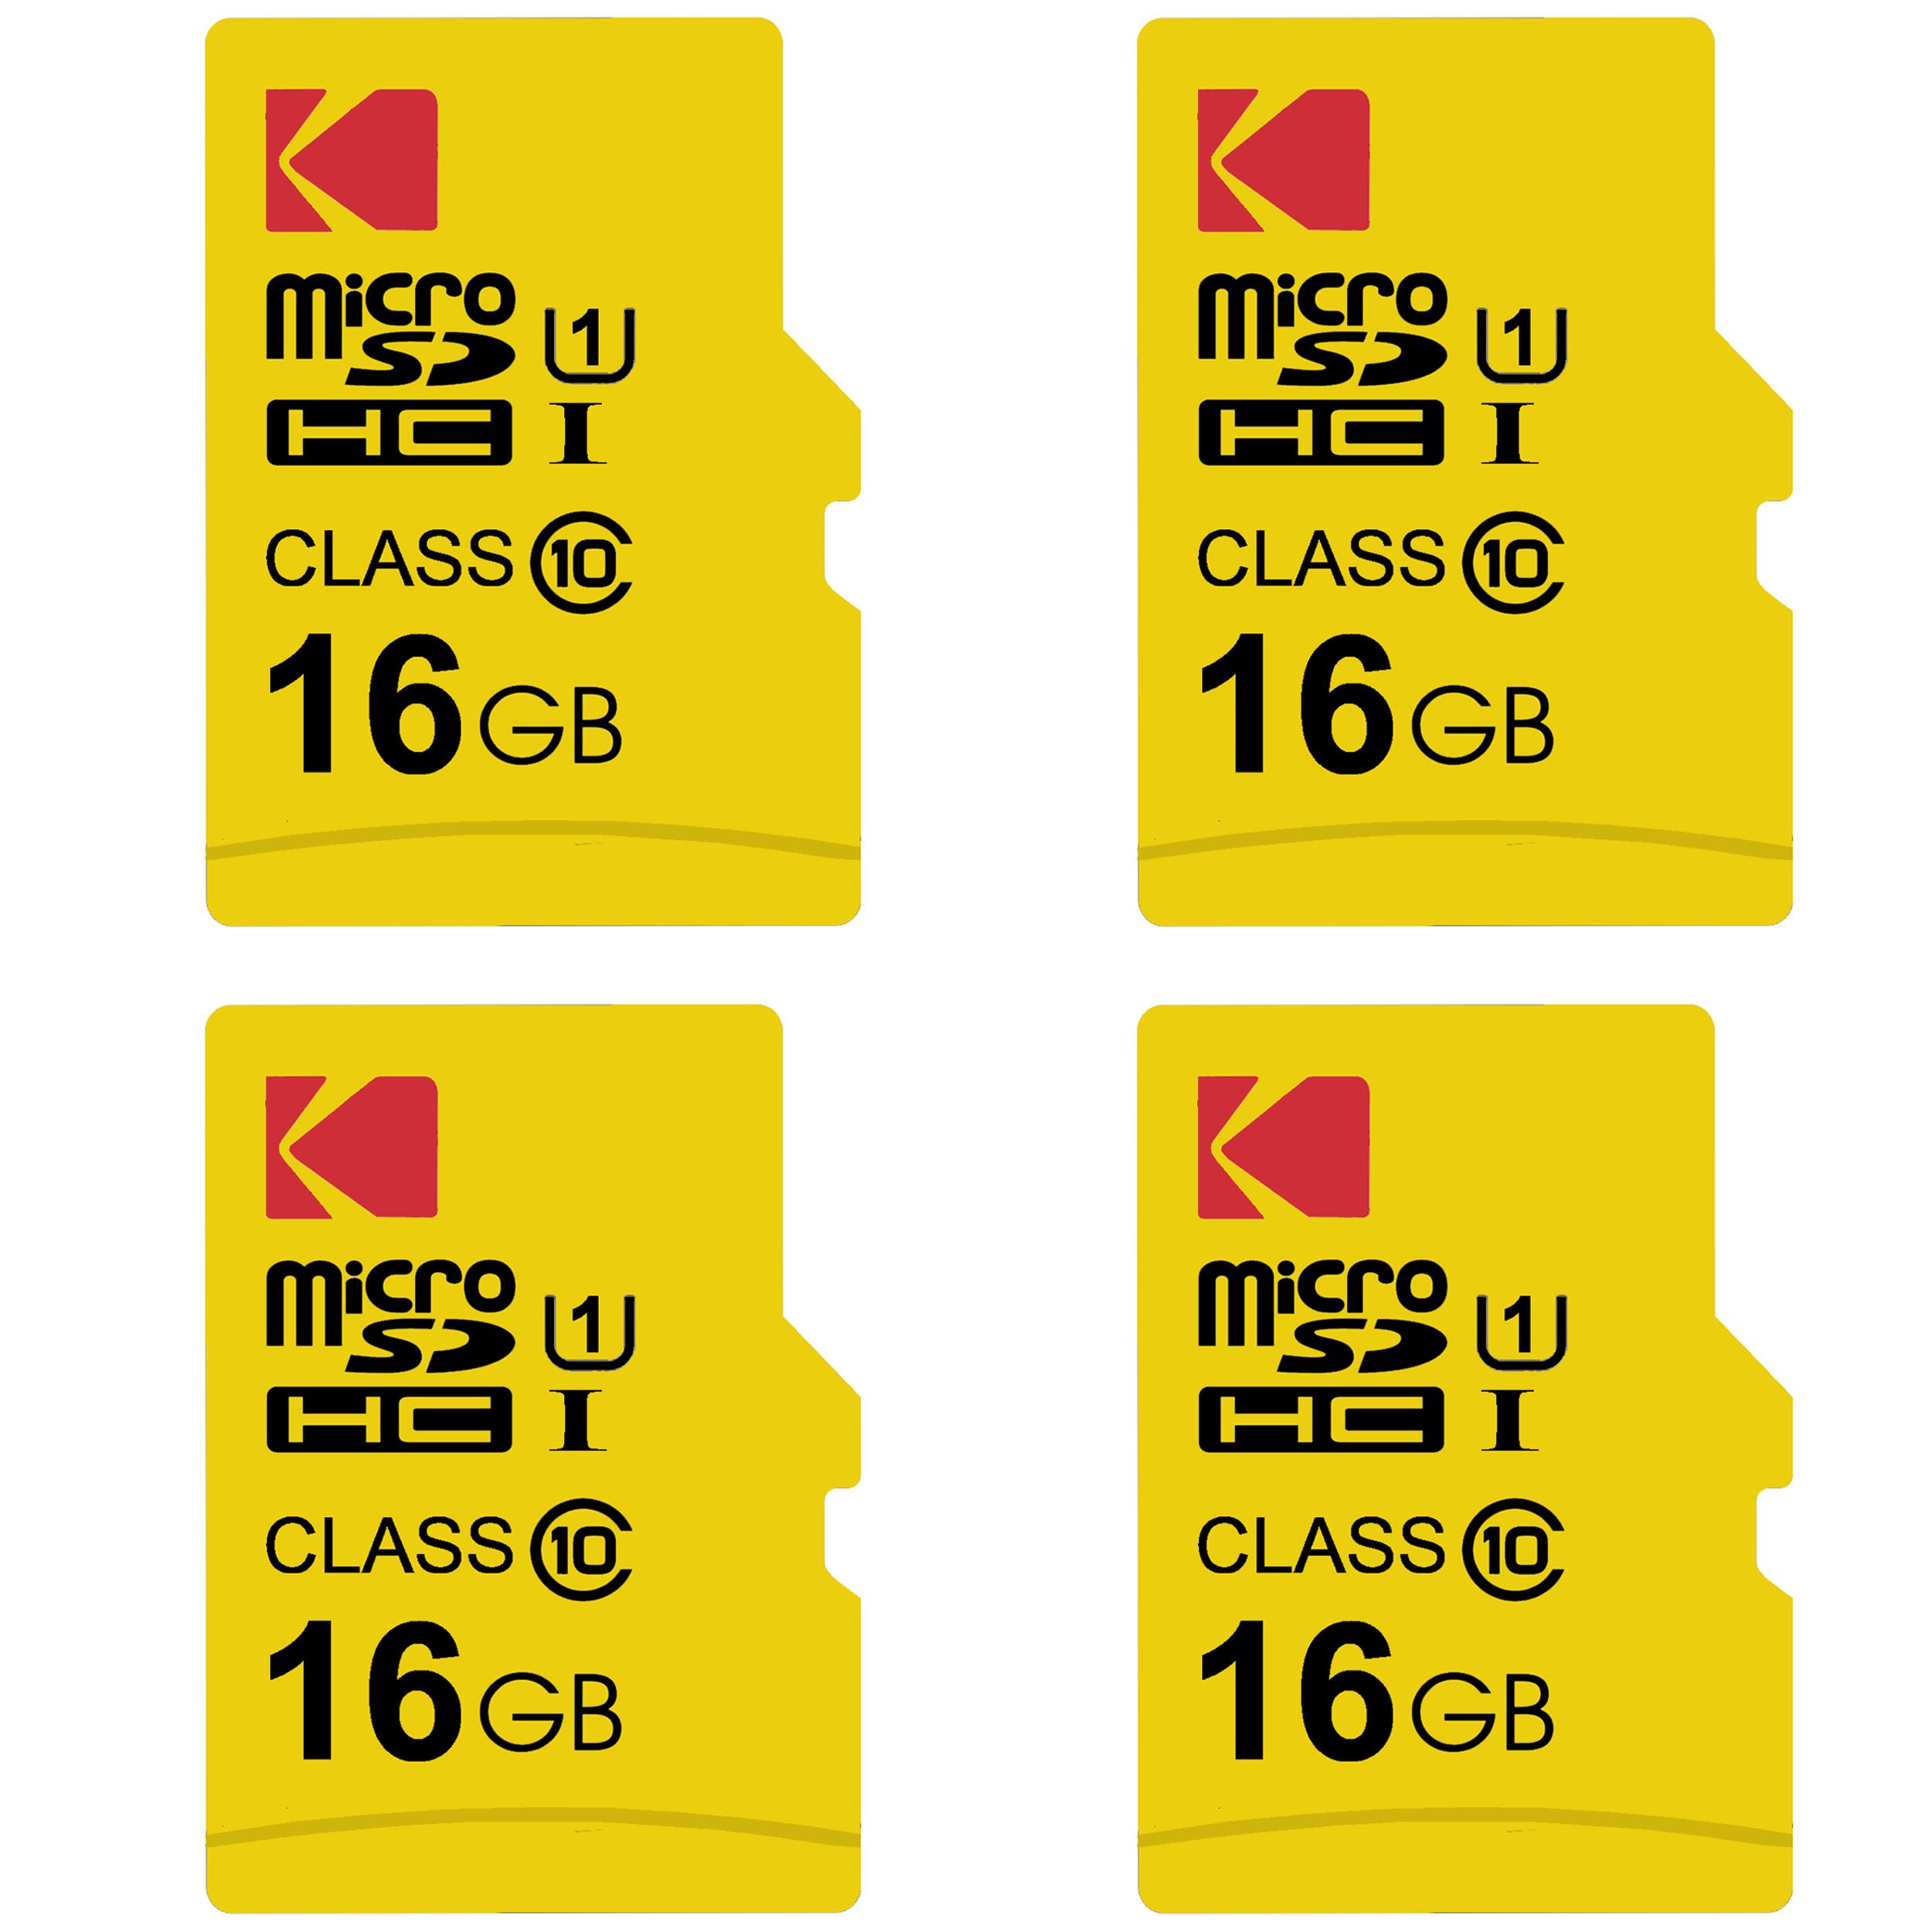 بررسی و {خرید با تخفیف}                                       کارت حافظه microSDHC کداک مدل Premium Performance کلاس 10 استاندارد UHS-I U1 سرعت 85MBps ظرفیت 16 گیگابایت بسته 4 عددی                             اصل